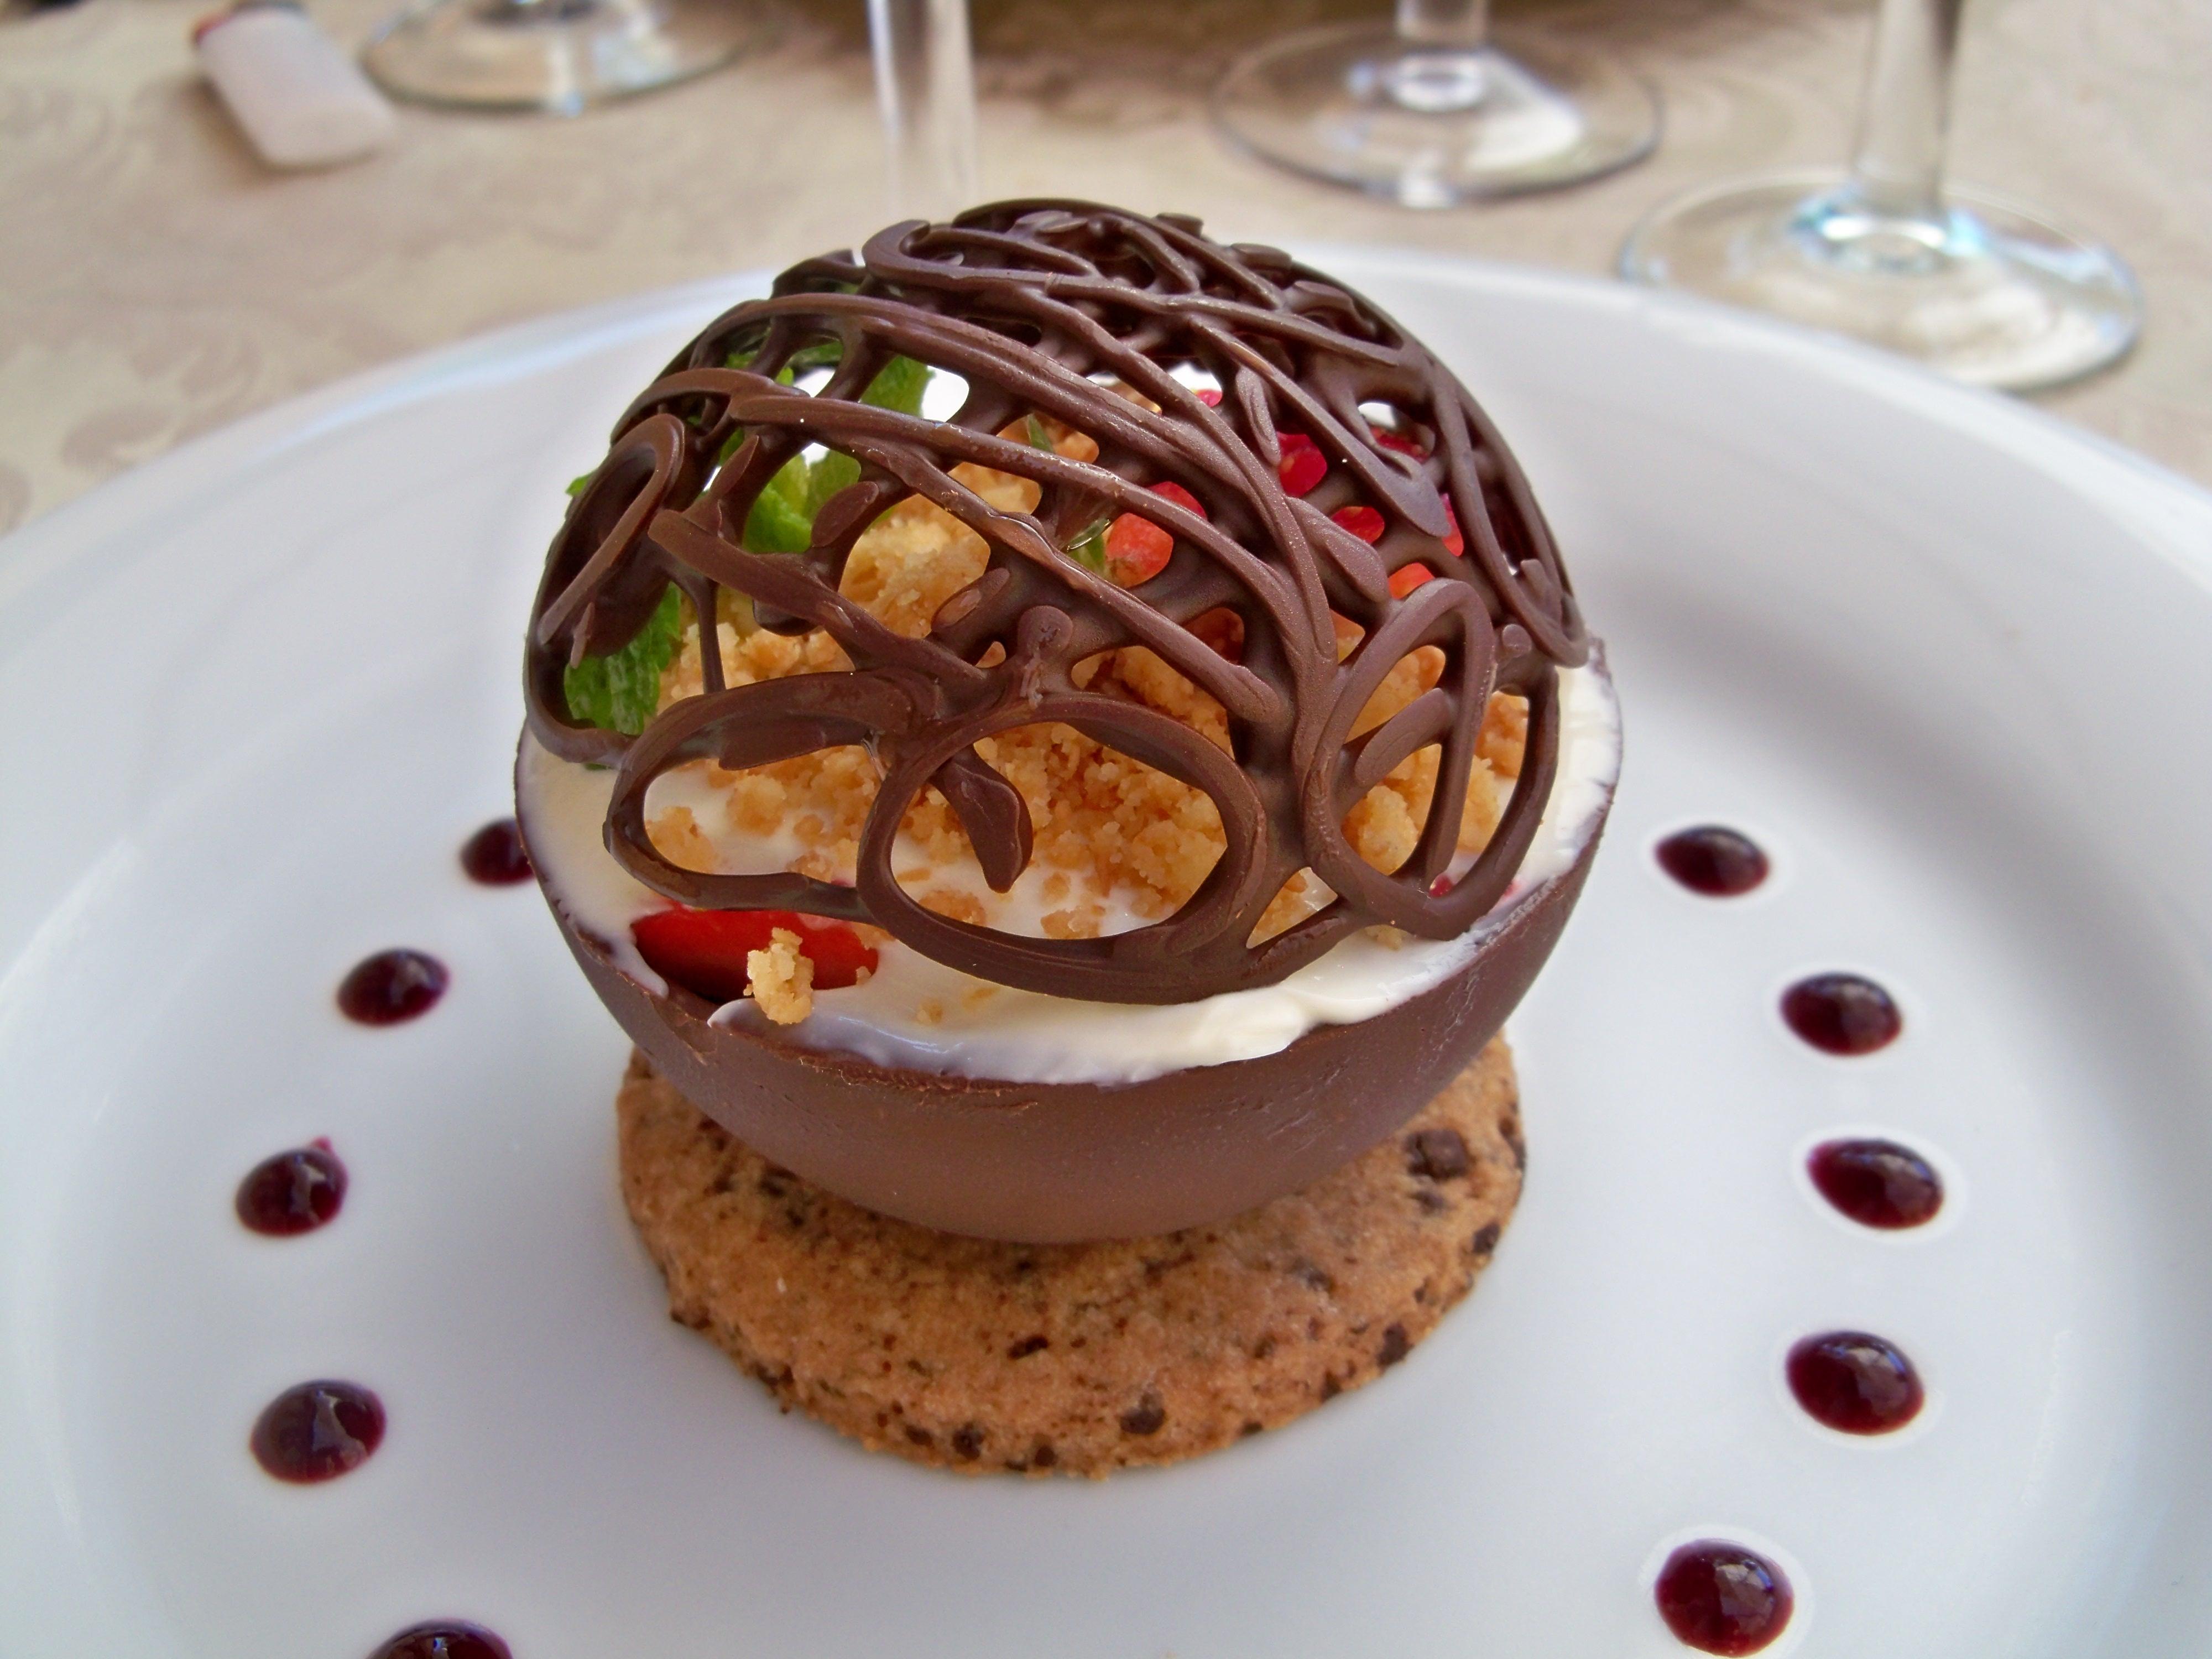 File:Boule chocolat au crumble de fraises.jpg  Wikimedia Commons